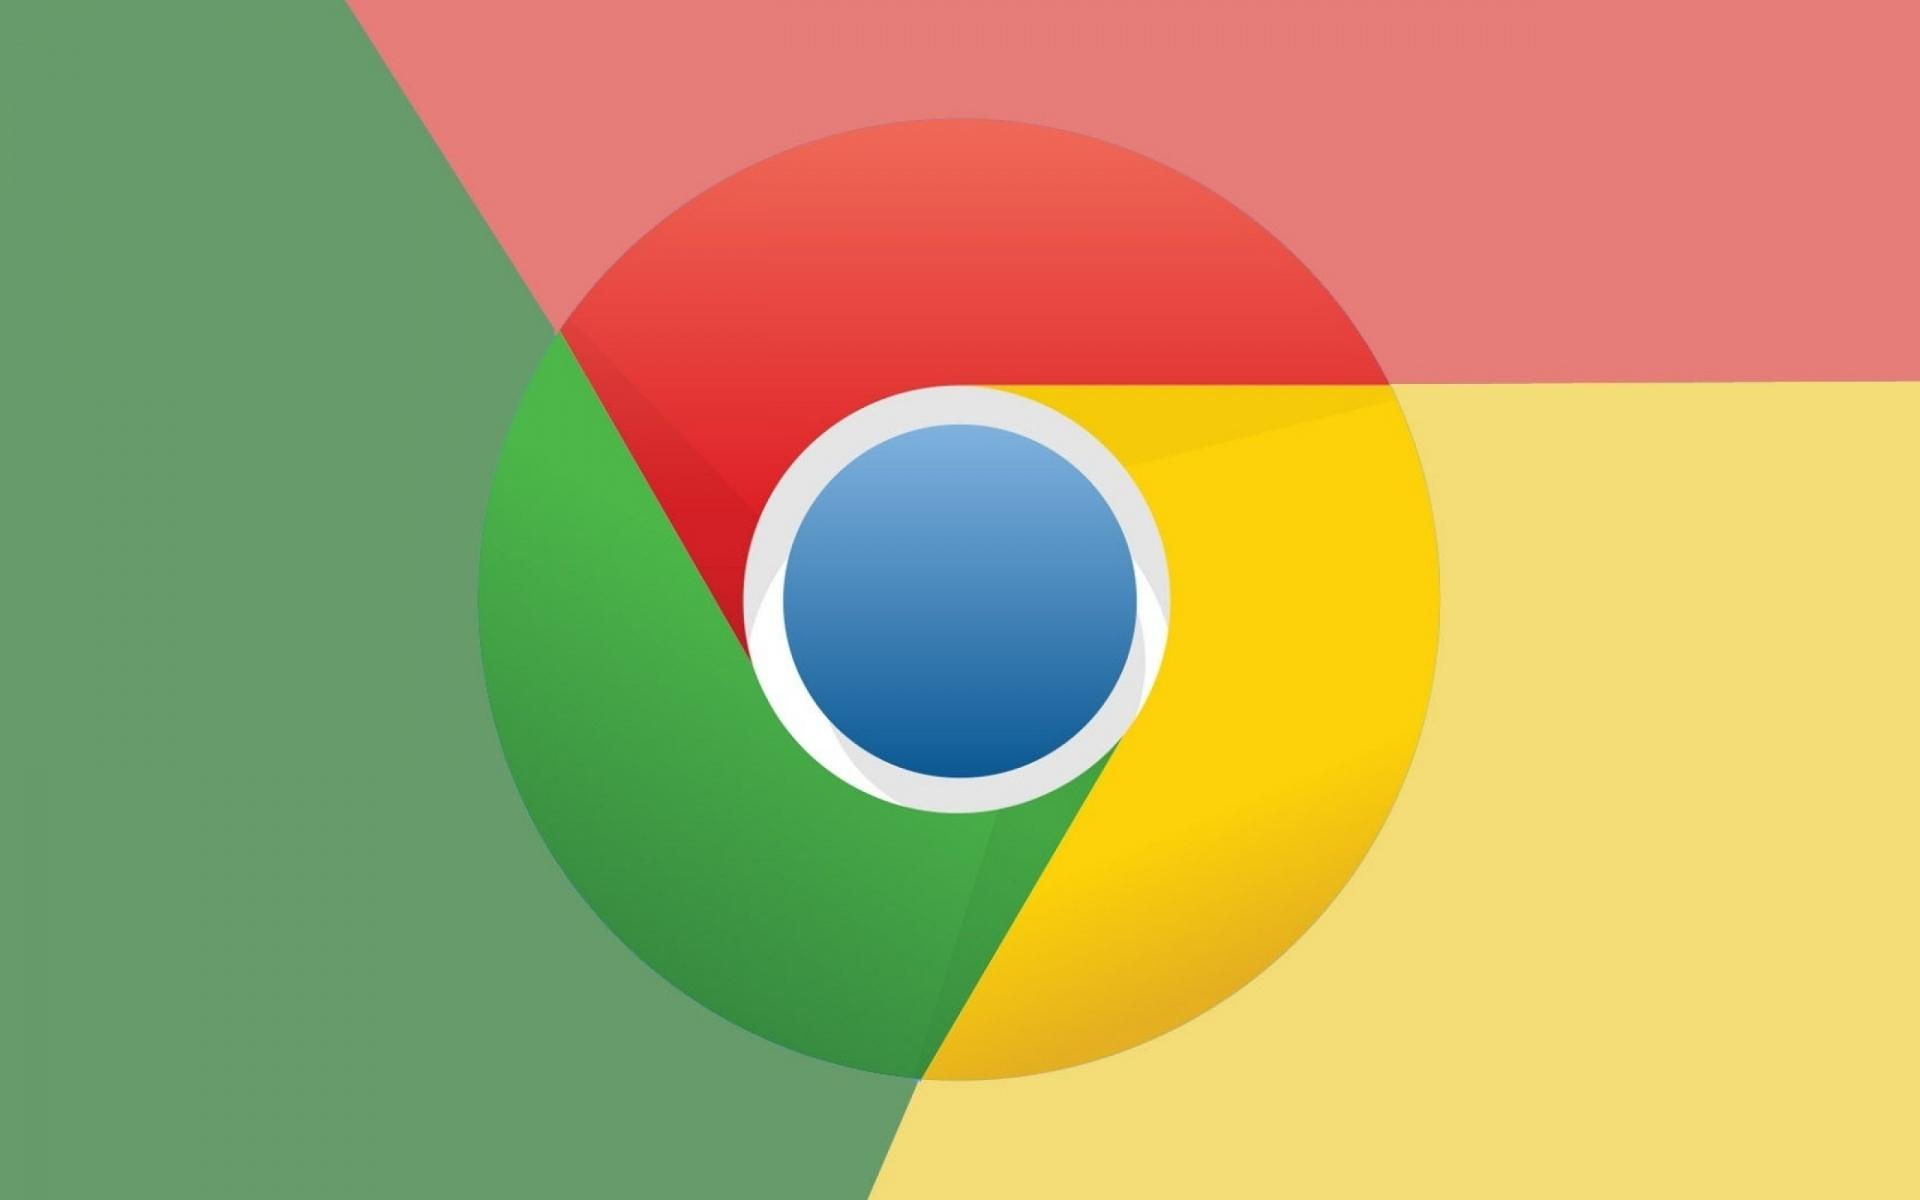 Google Chrome Wallpaper - WallpaperSafari